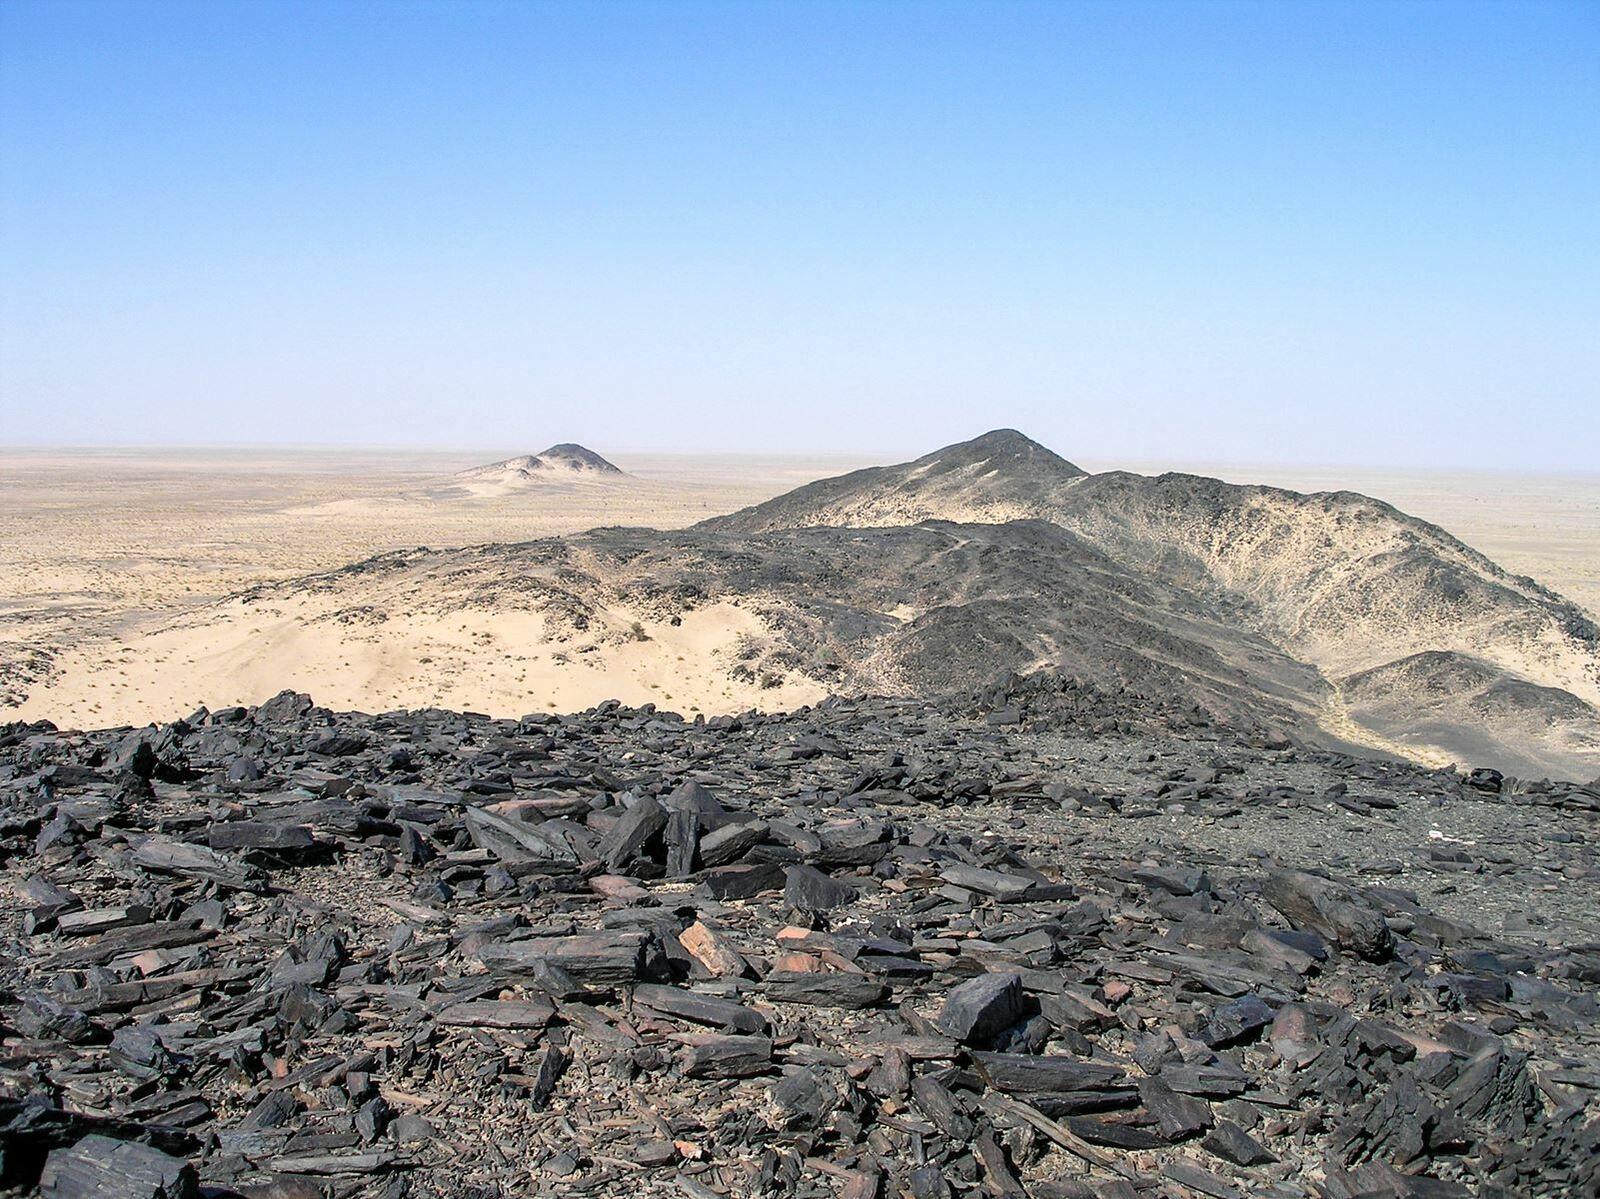 Vue du désert vers Tasiast. On y trouve de nombreuses pointes de fléches en pierres taillées.